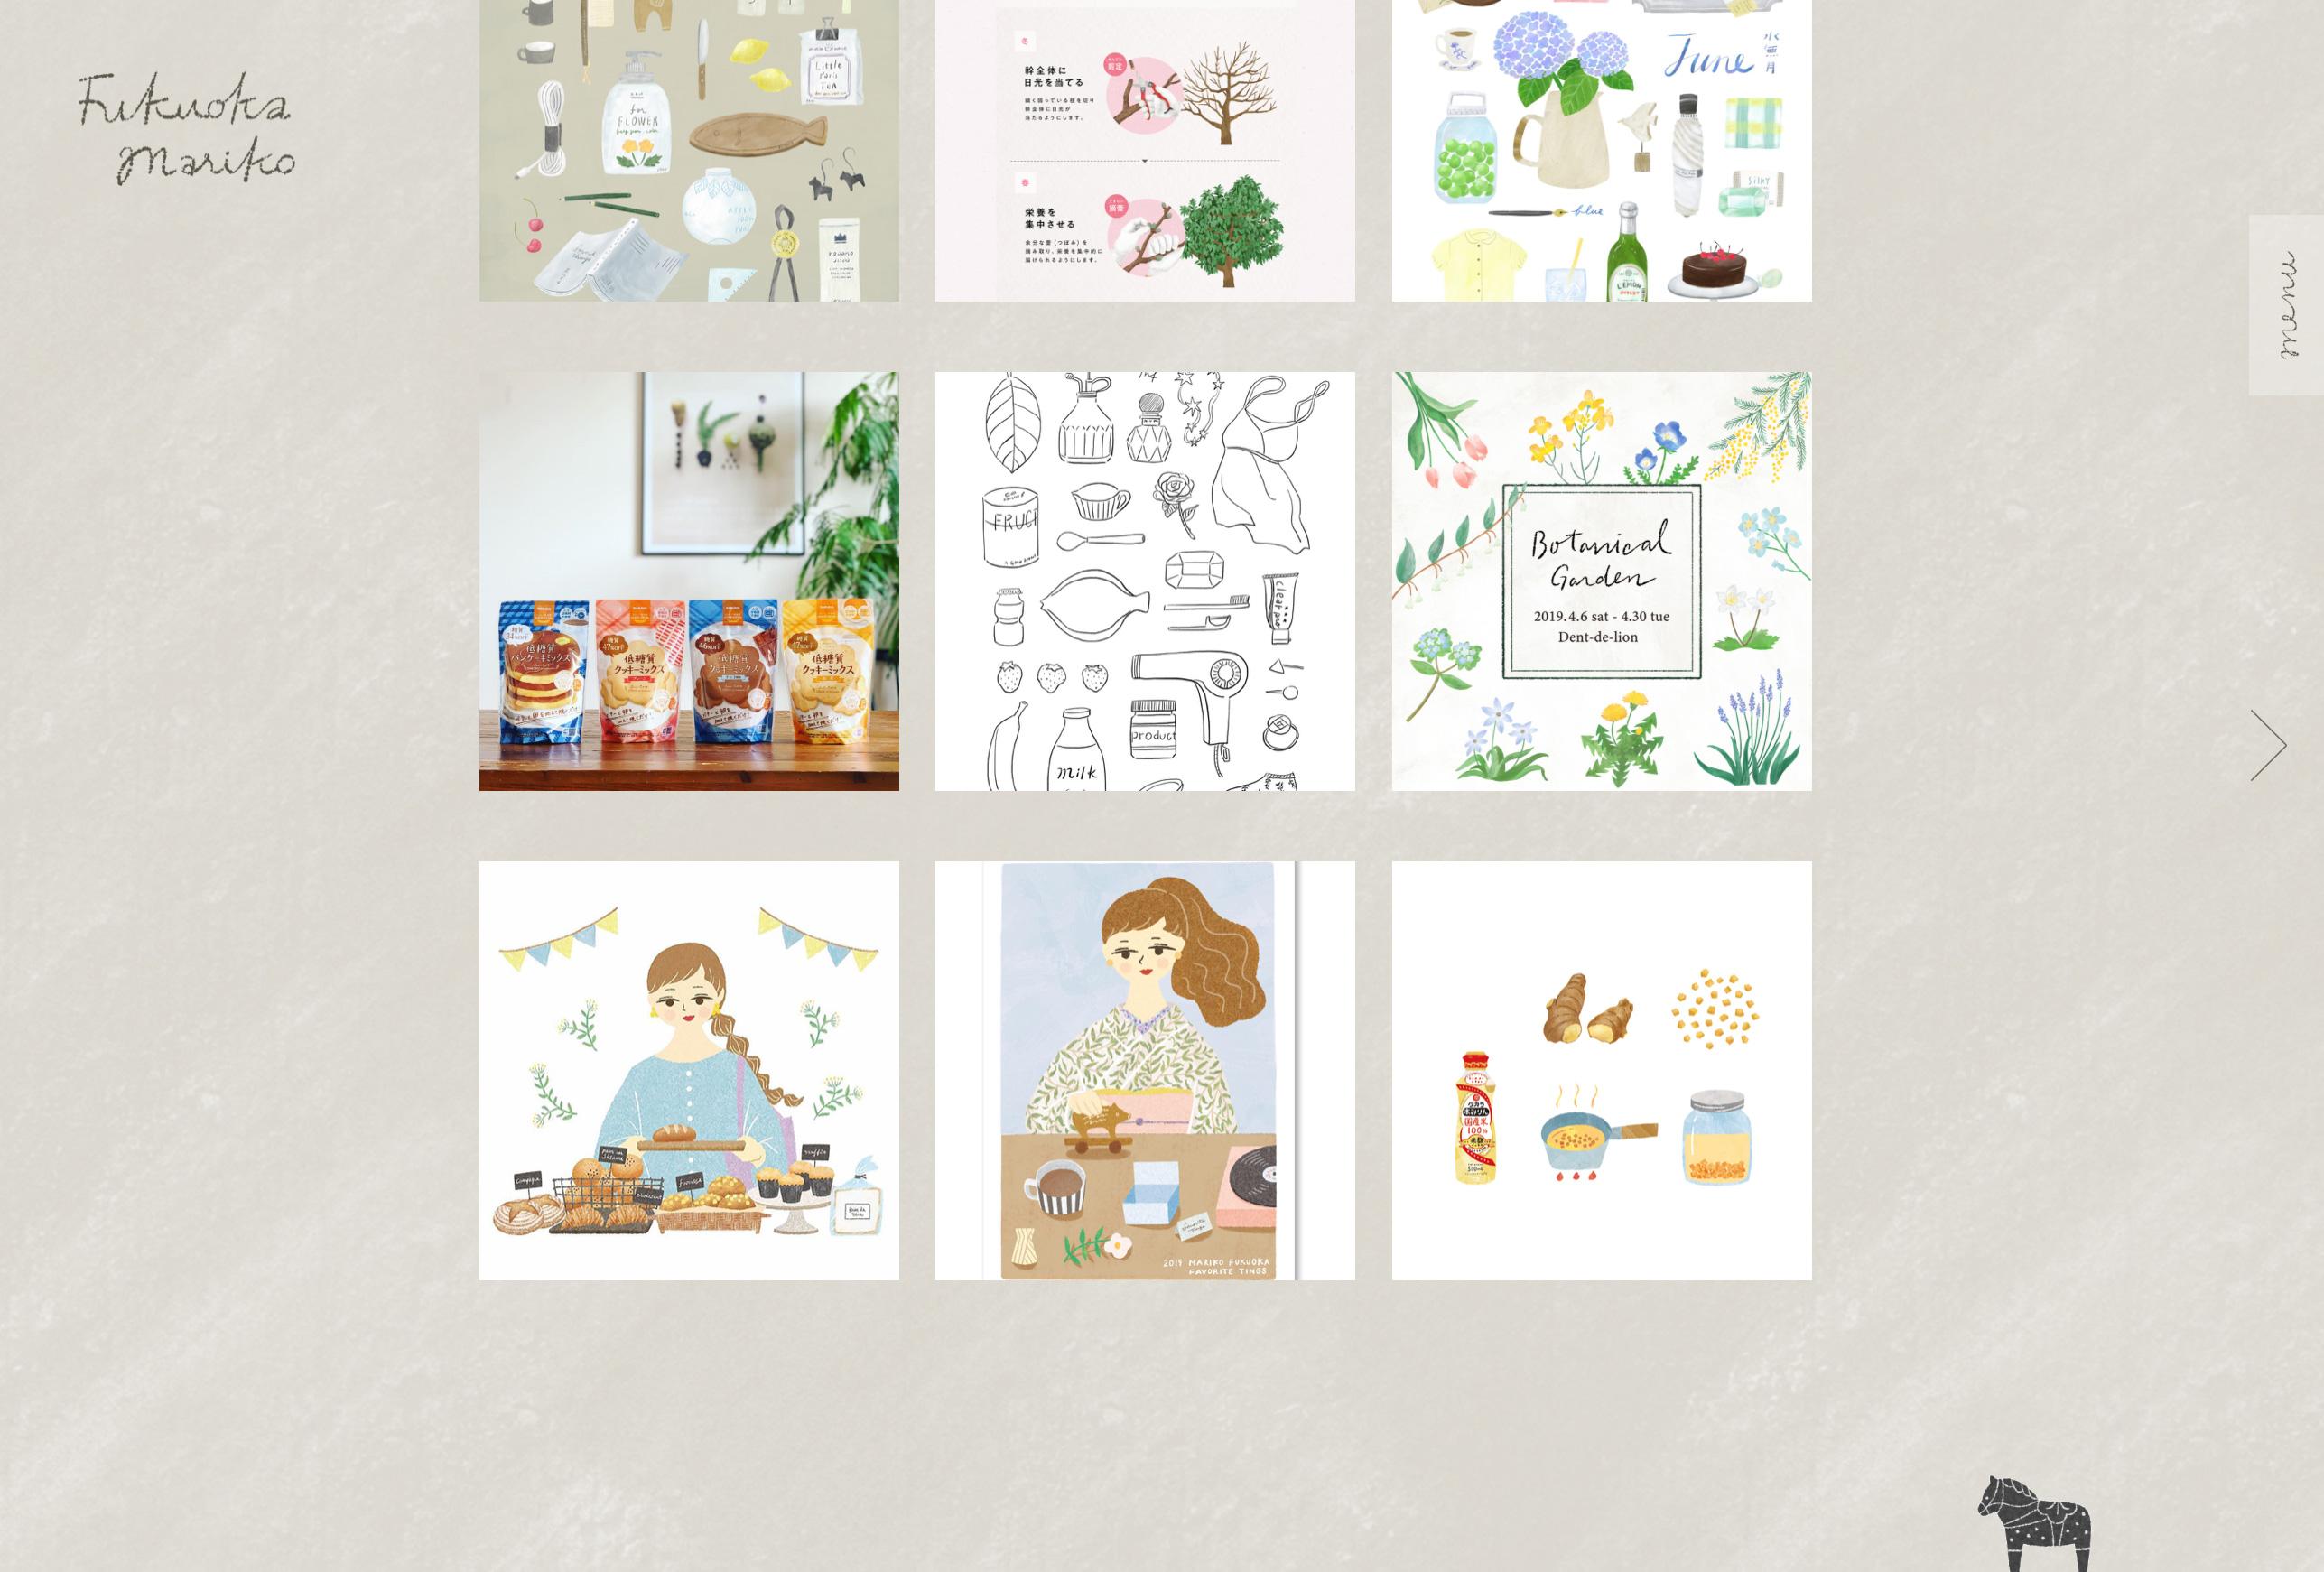 イラストレーター福岡麻利子さんのサイトデザイン